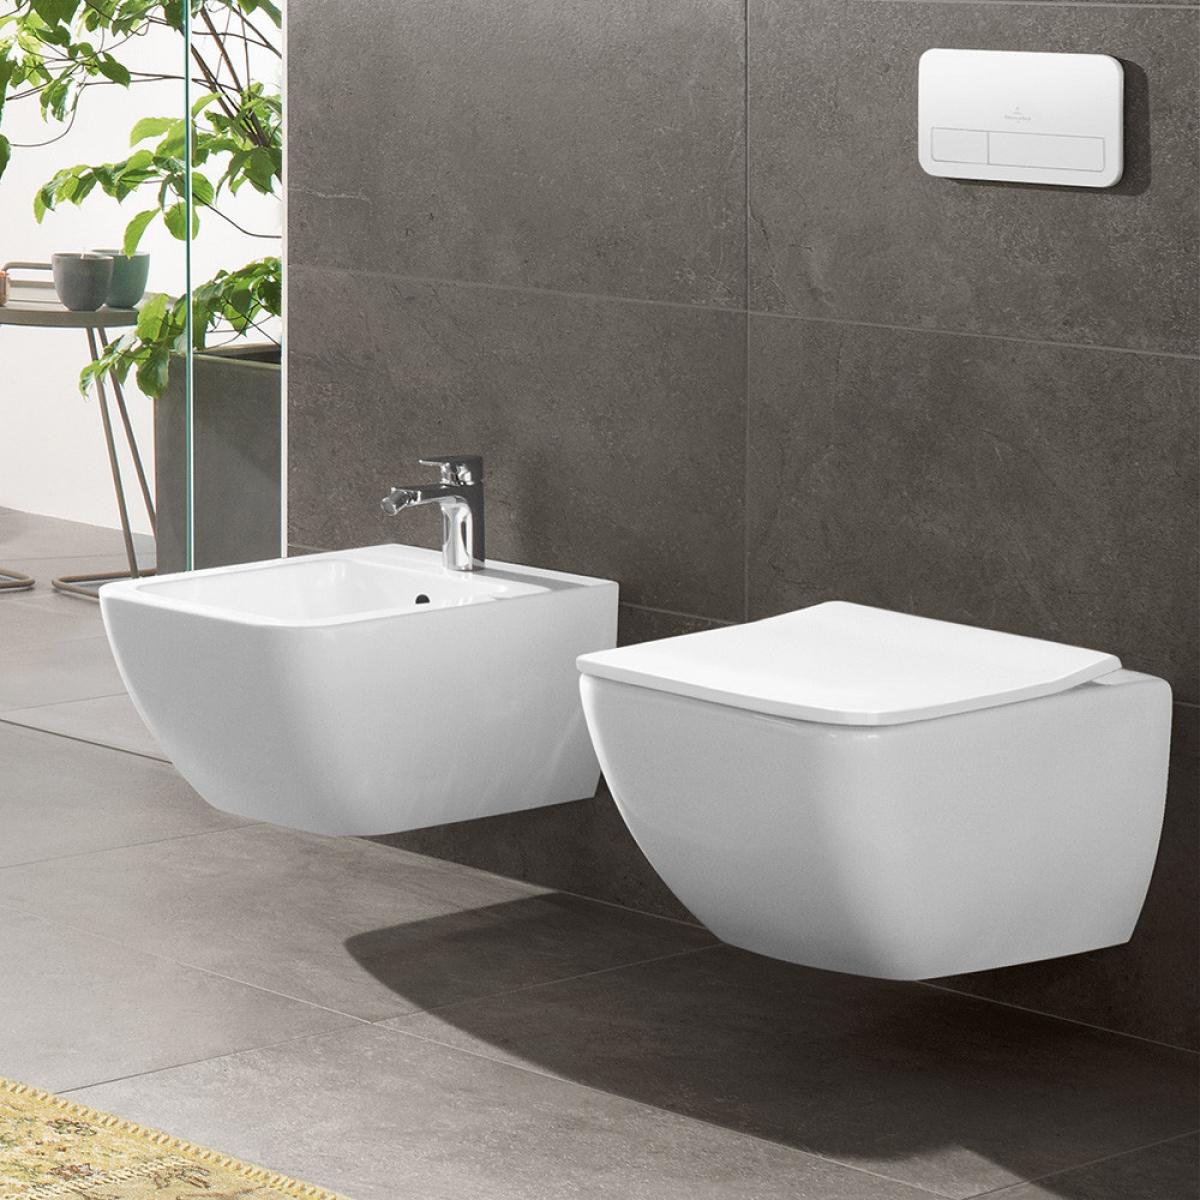 wc suspendu venticello villeroy boch induscabel salle de bains chauffage et cuisine. Black Bedroom Furniture Sets. Home Design Ideas